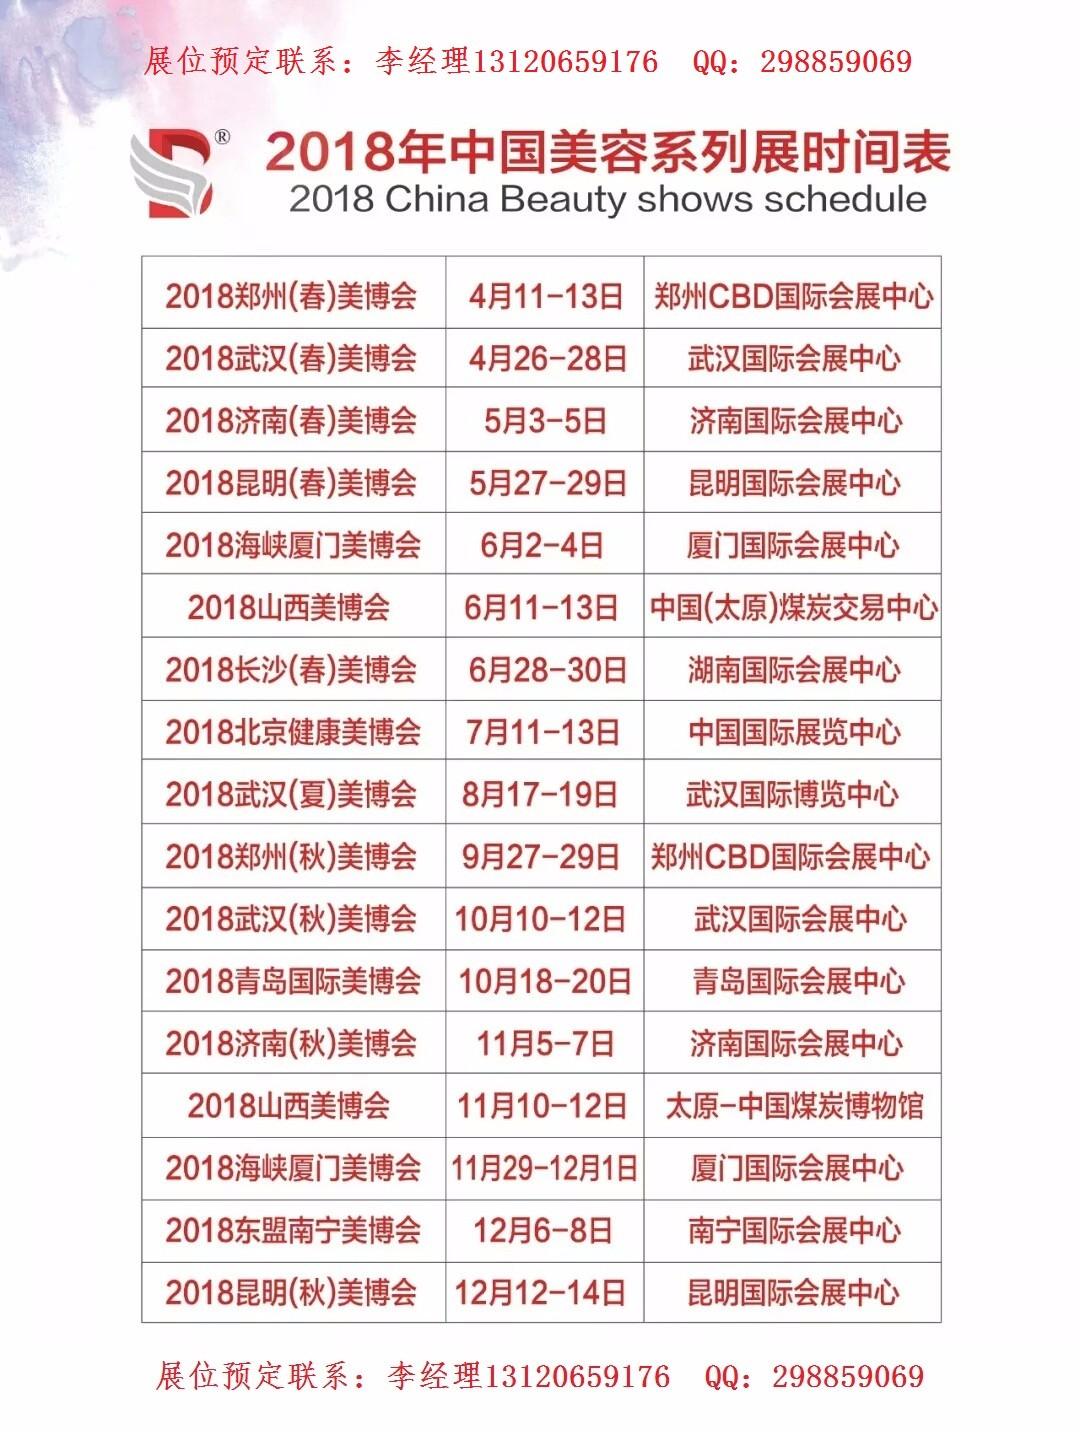 2018美博会时间表.jpg